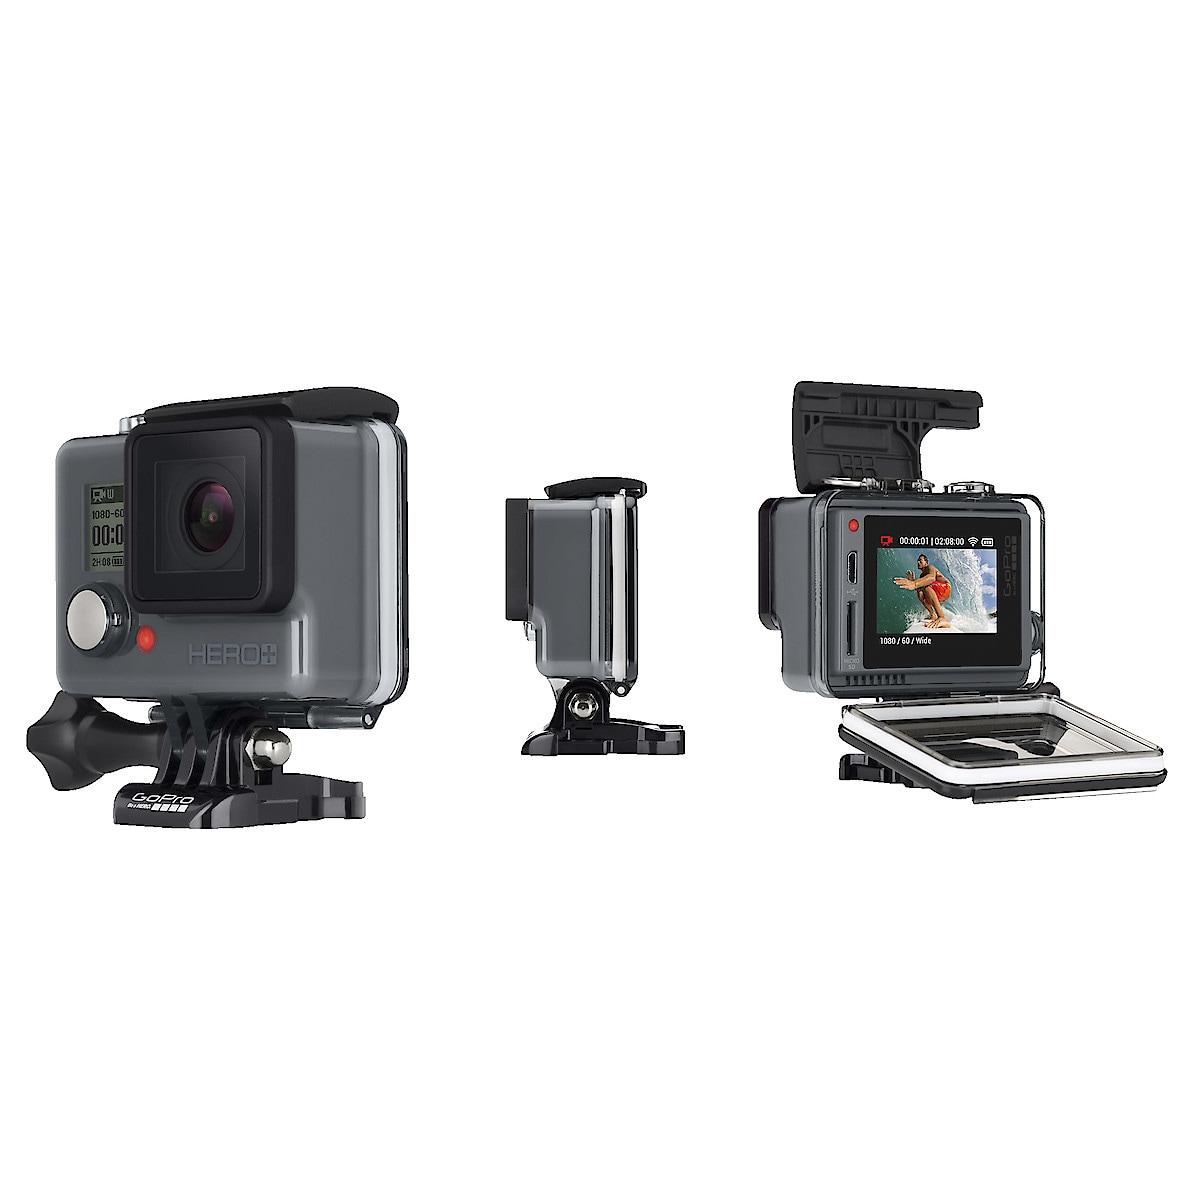 Actionkamera GoPro Hero+ LCD